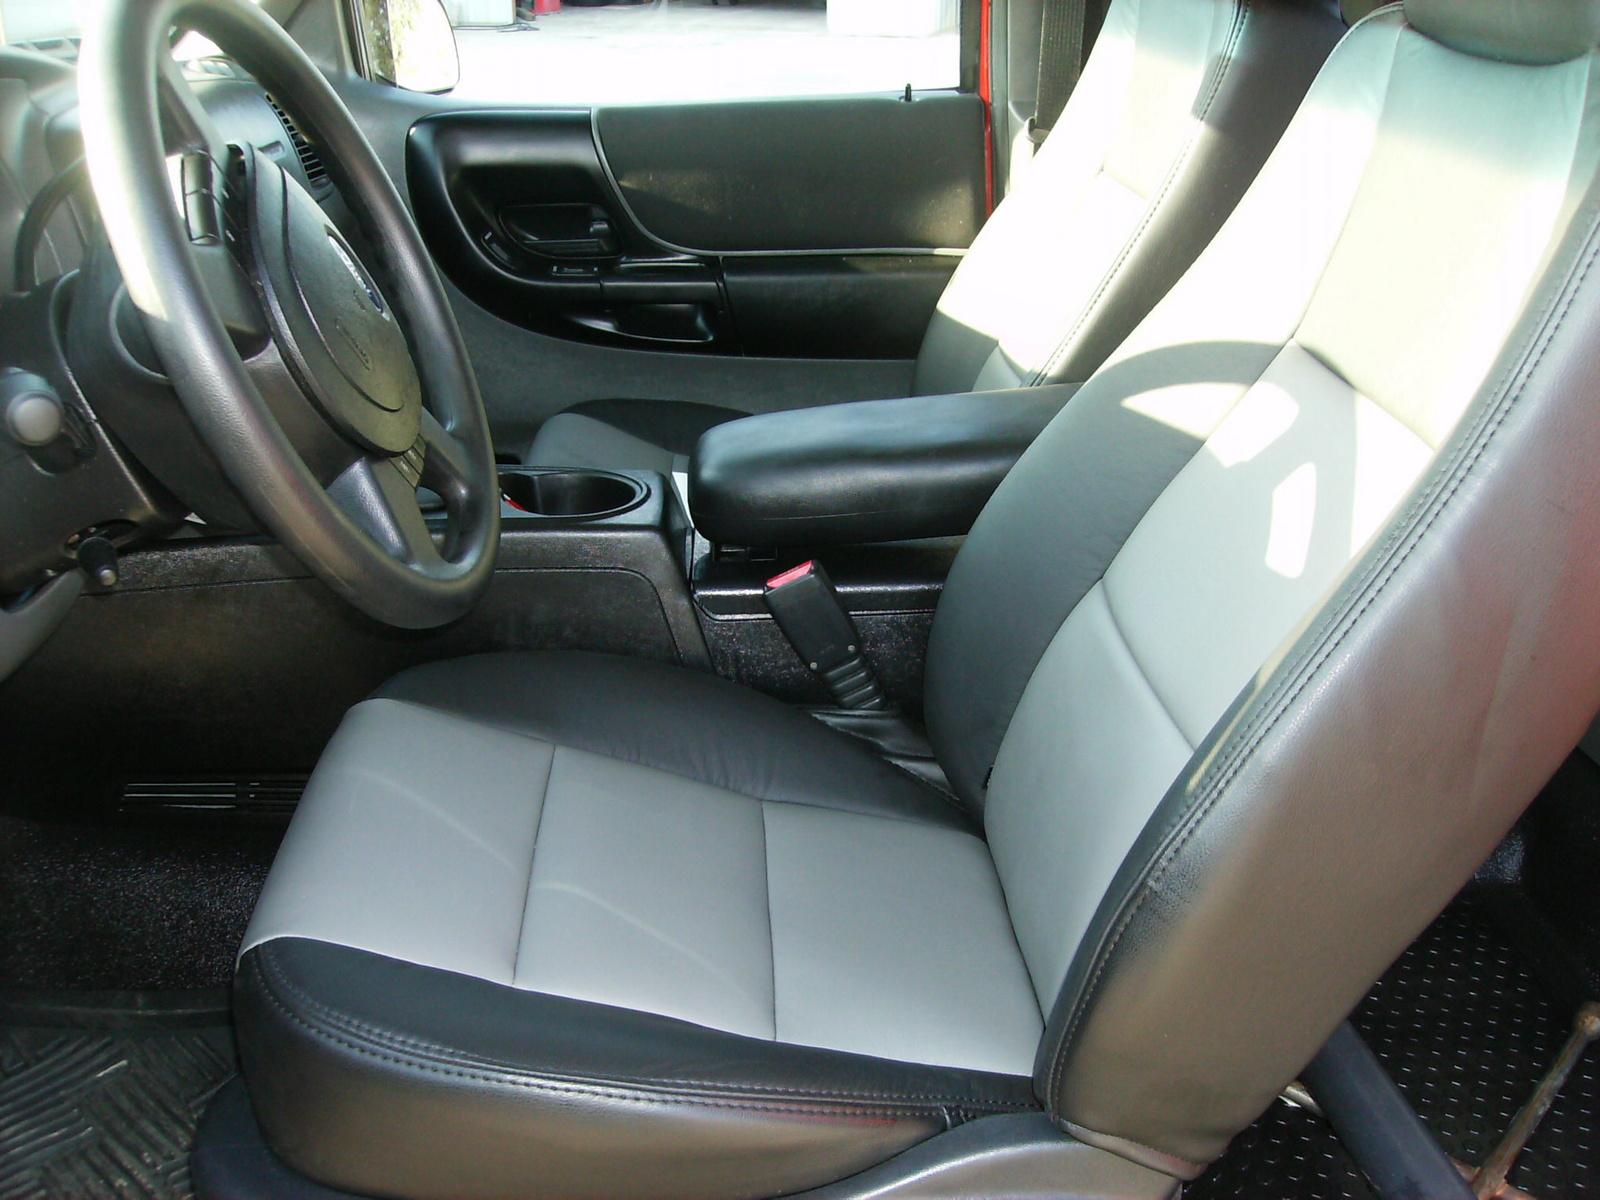 2004 ford ranger extended cab interior carburetor gallery. Black Bedroom Furniture Sets. Home Design Ideas